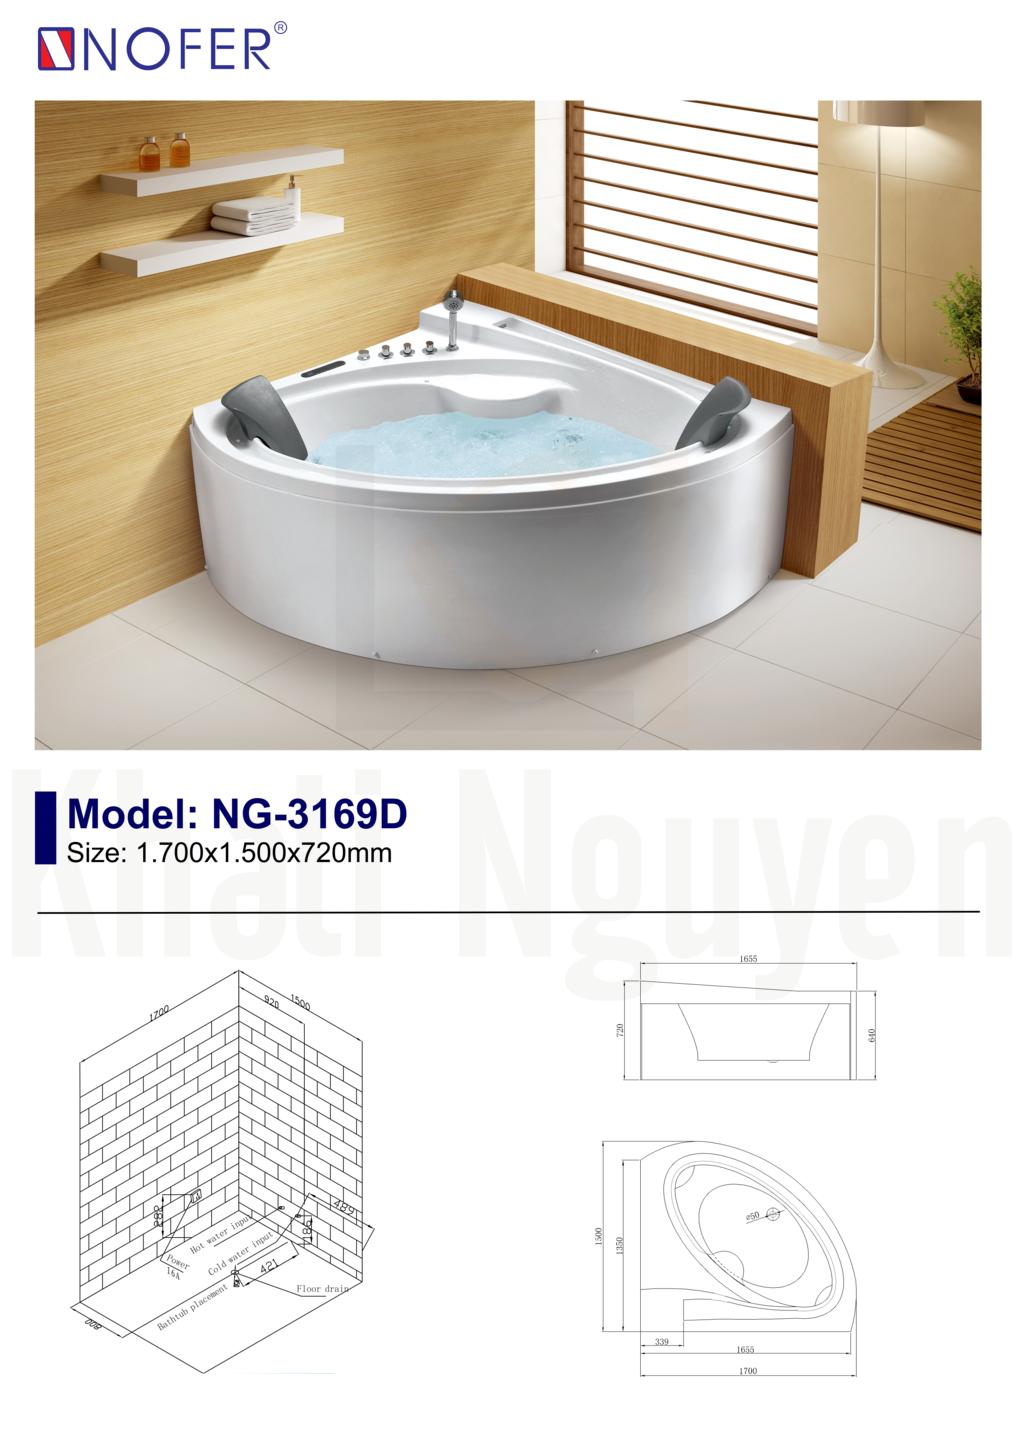 Sơ đồ điện nước bồn tắm massage NG-3169D